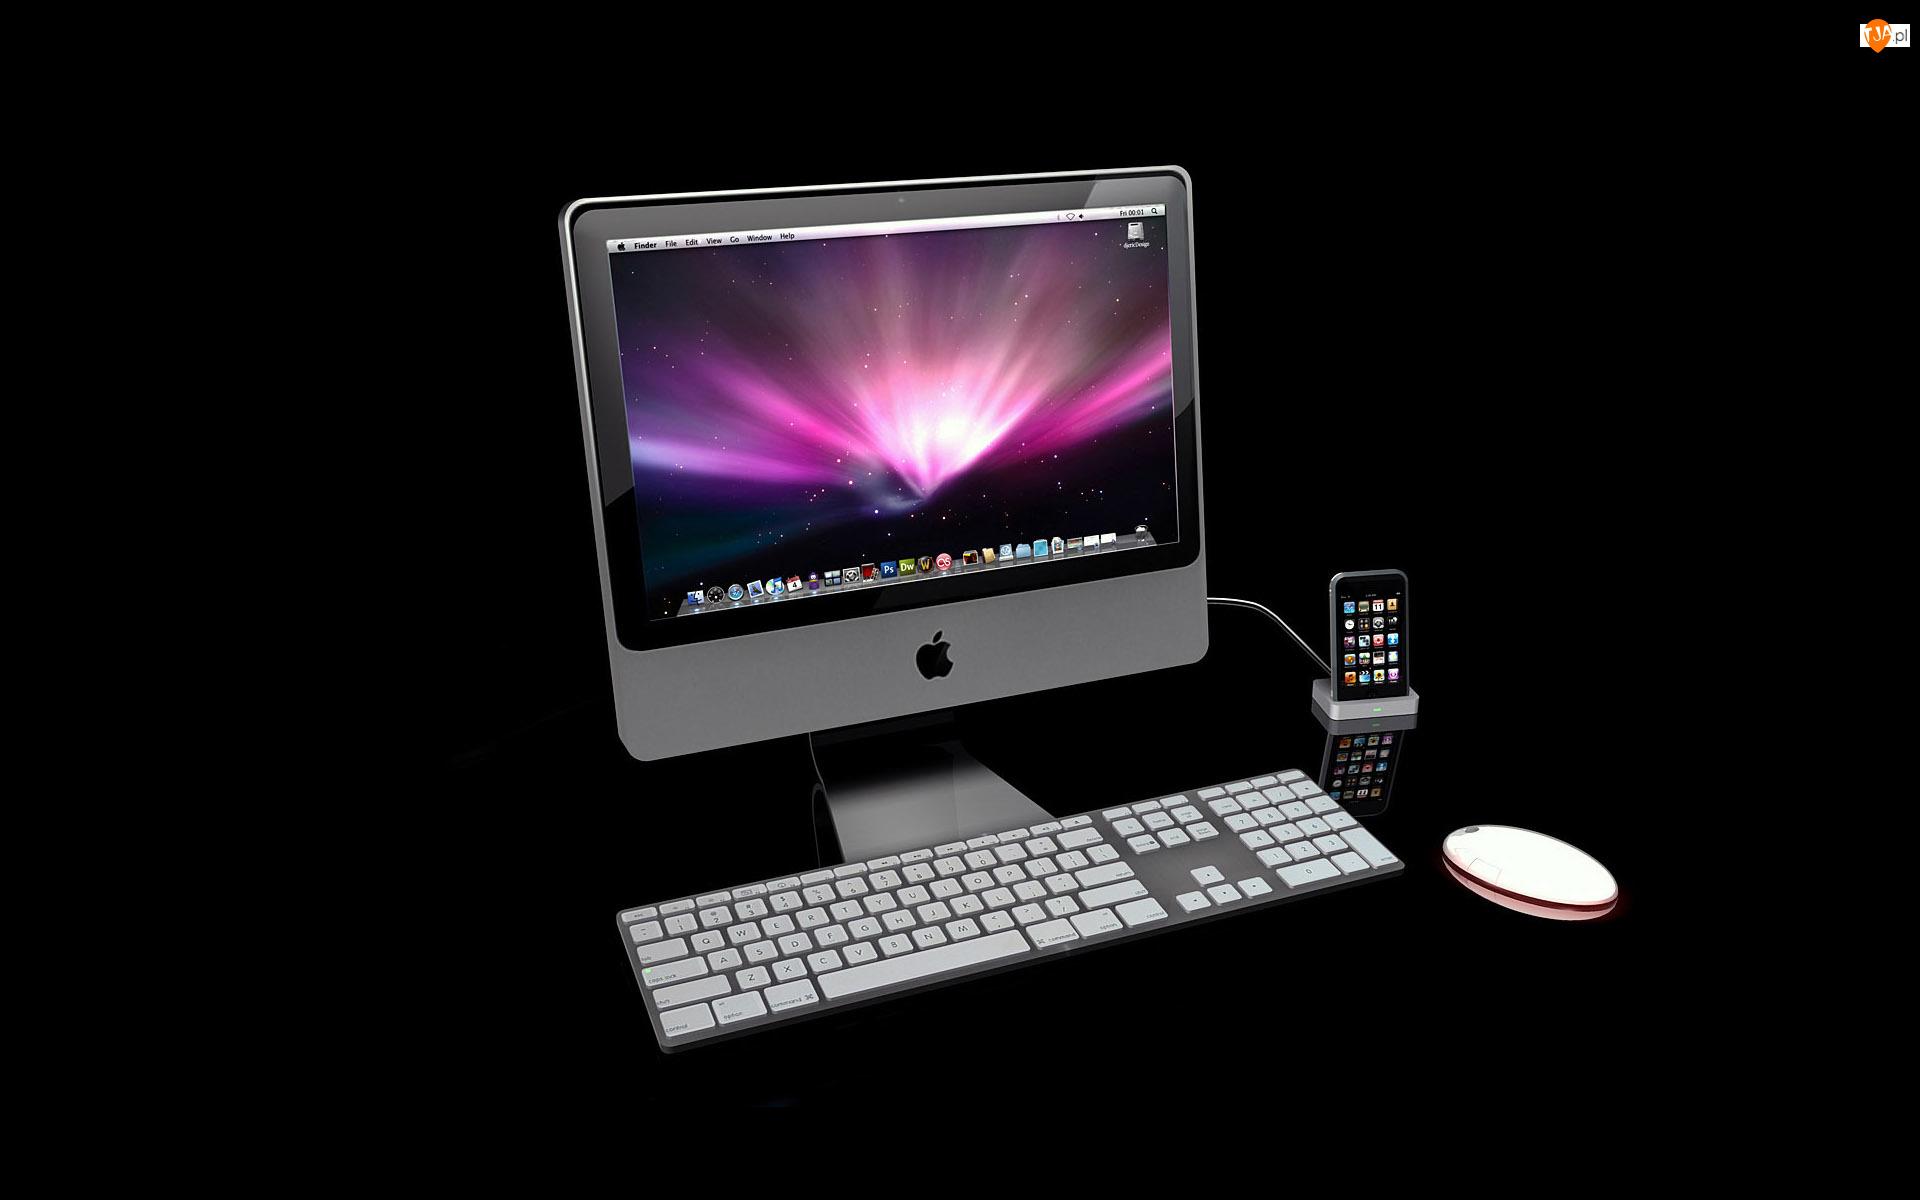 Telefon, Sprzęt komputerowy, Klawiatura, Monitor, Myszka